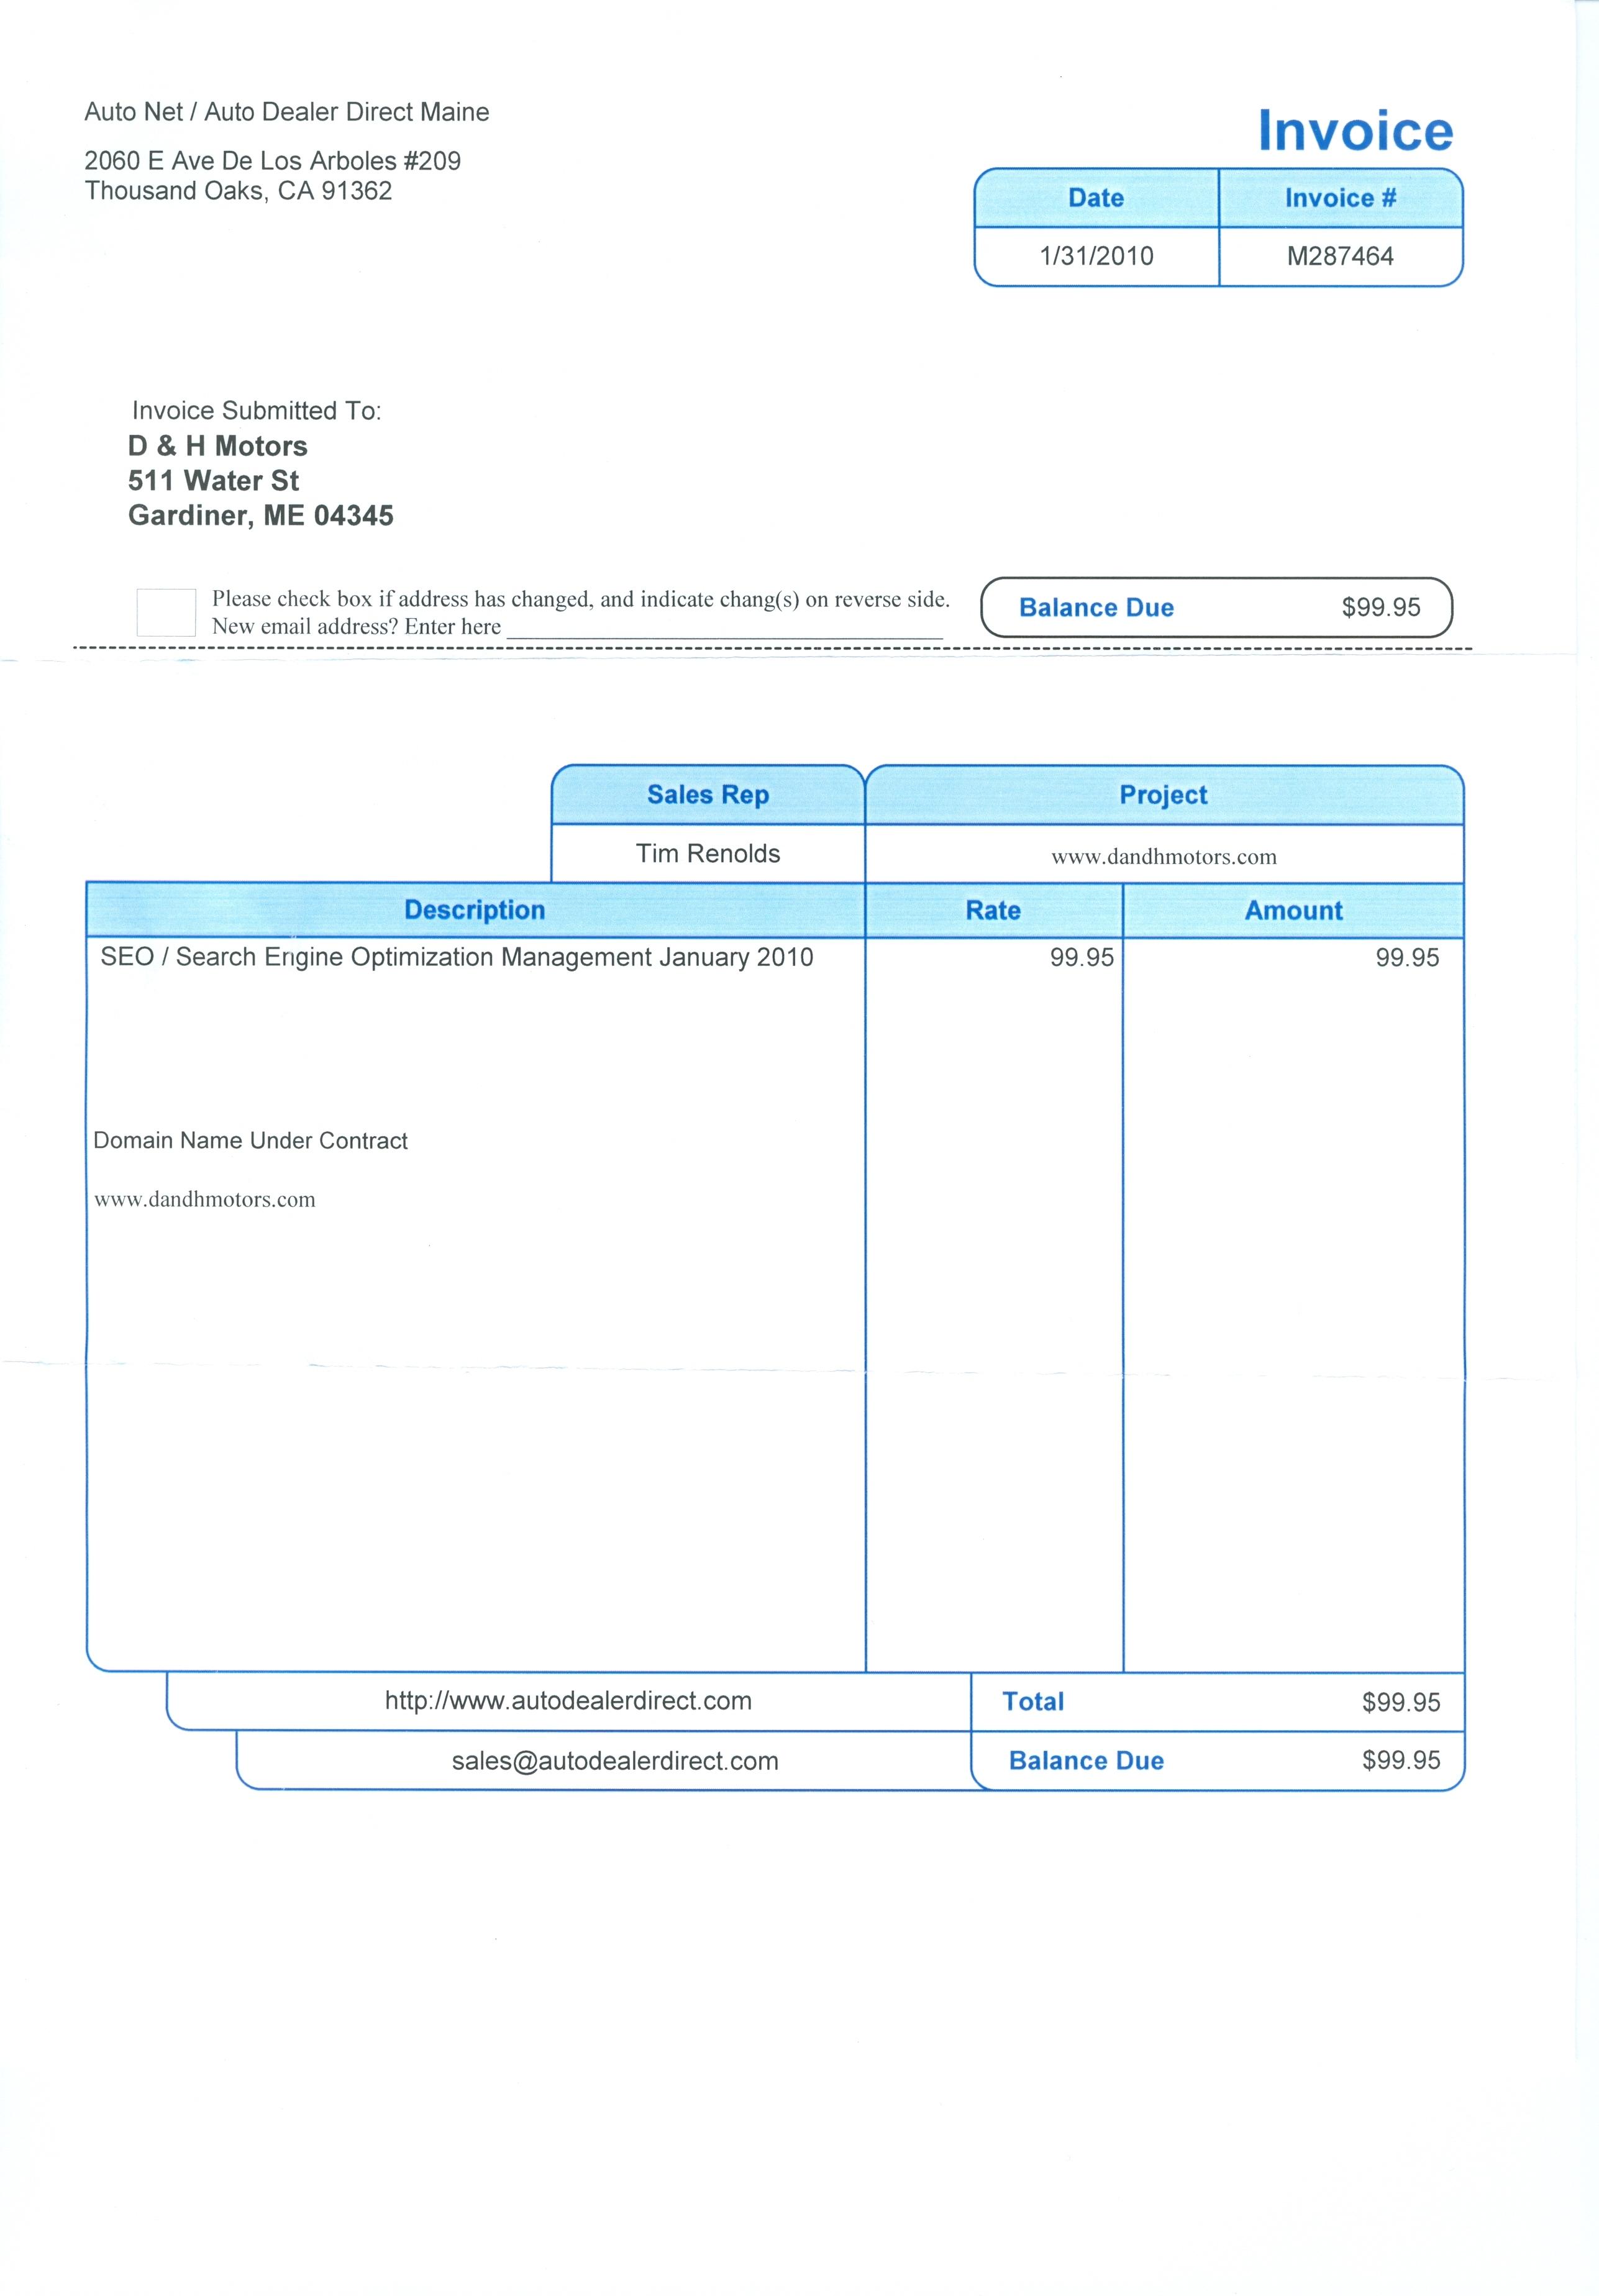 auto dealer invoice ripoff report auto netauto dealer direct maine complaint review 2574 X 3696